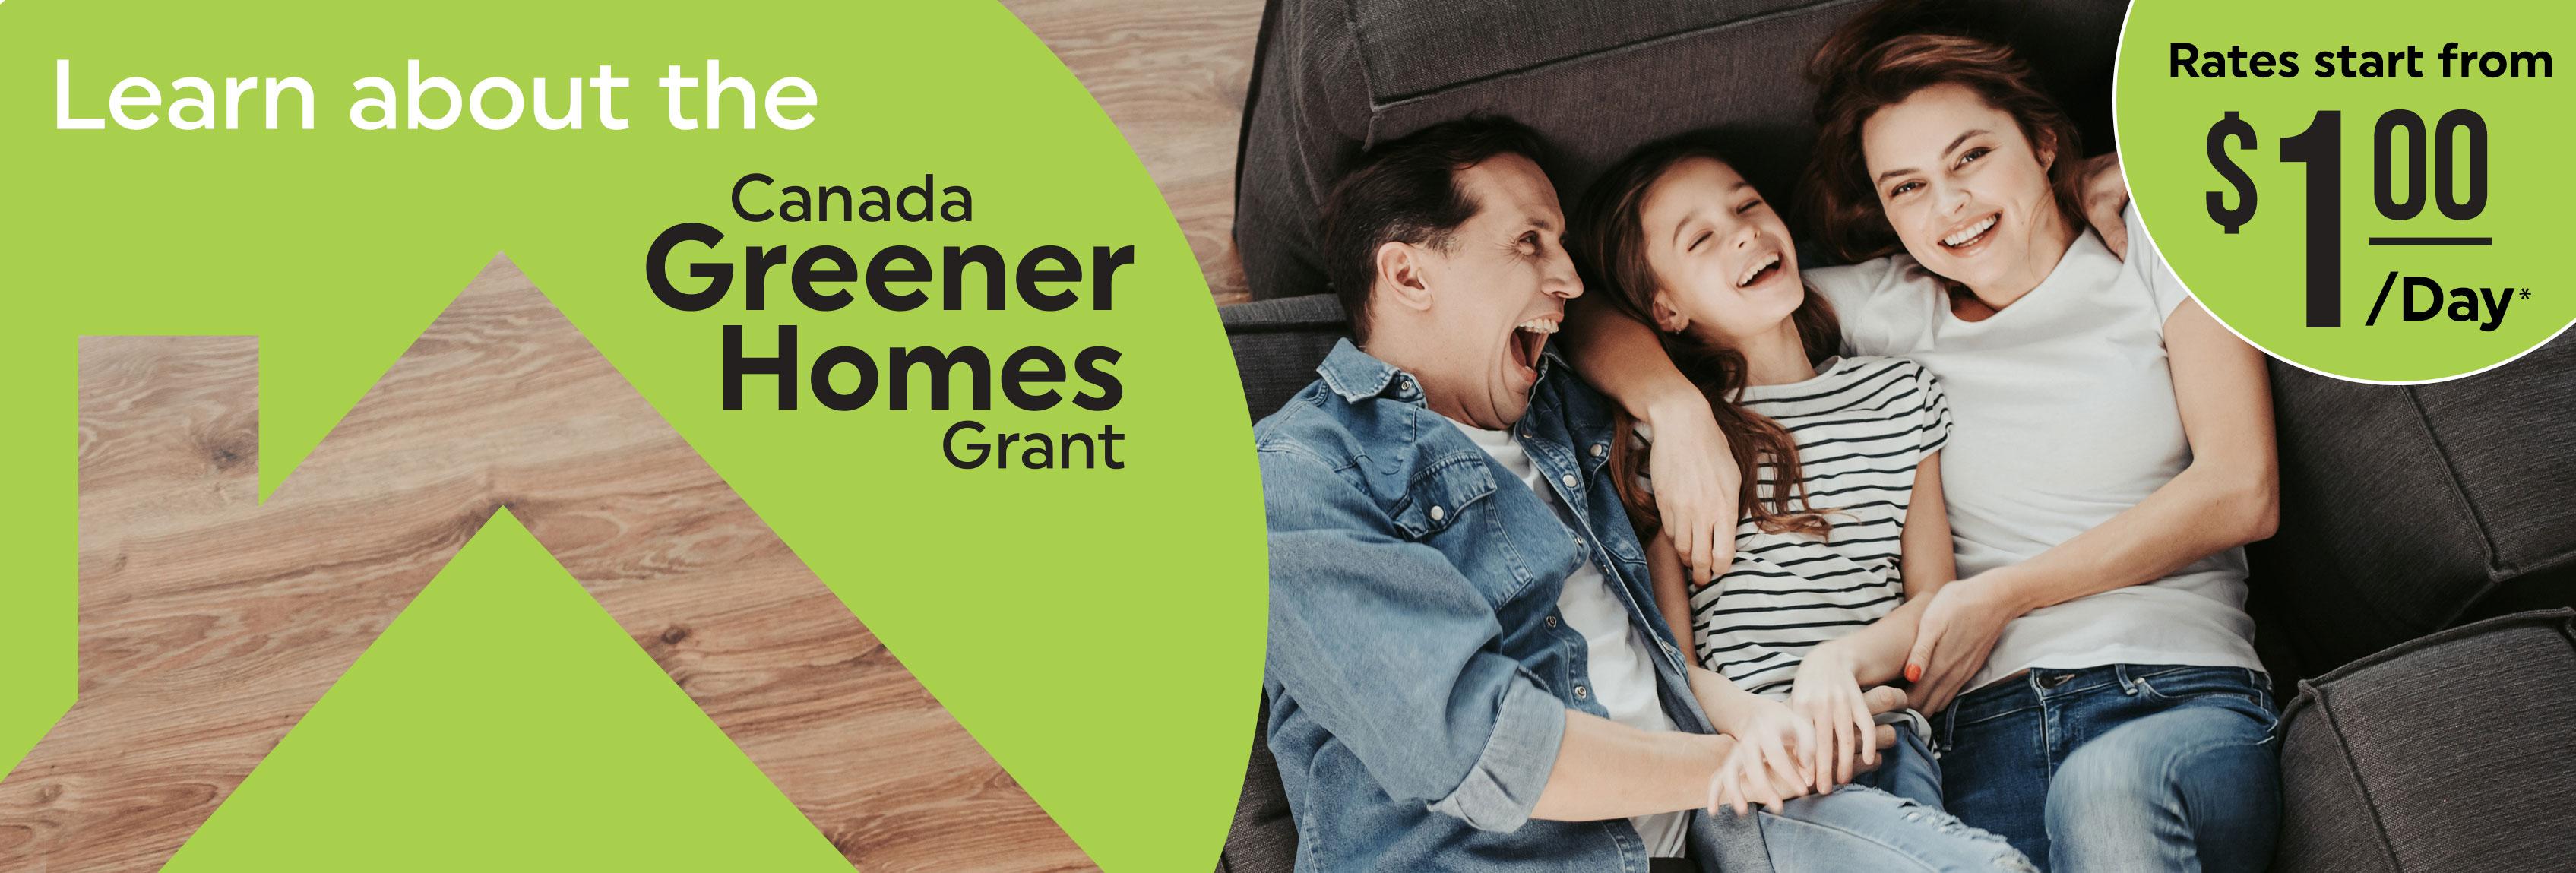 1Click Canada Greener Homes Grant Banner 1